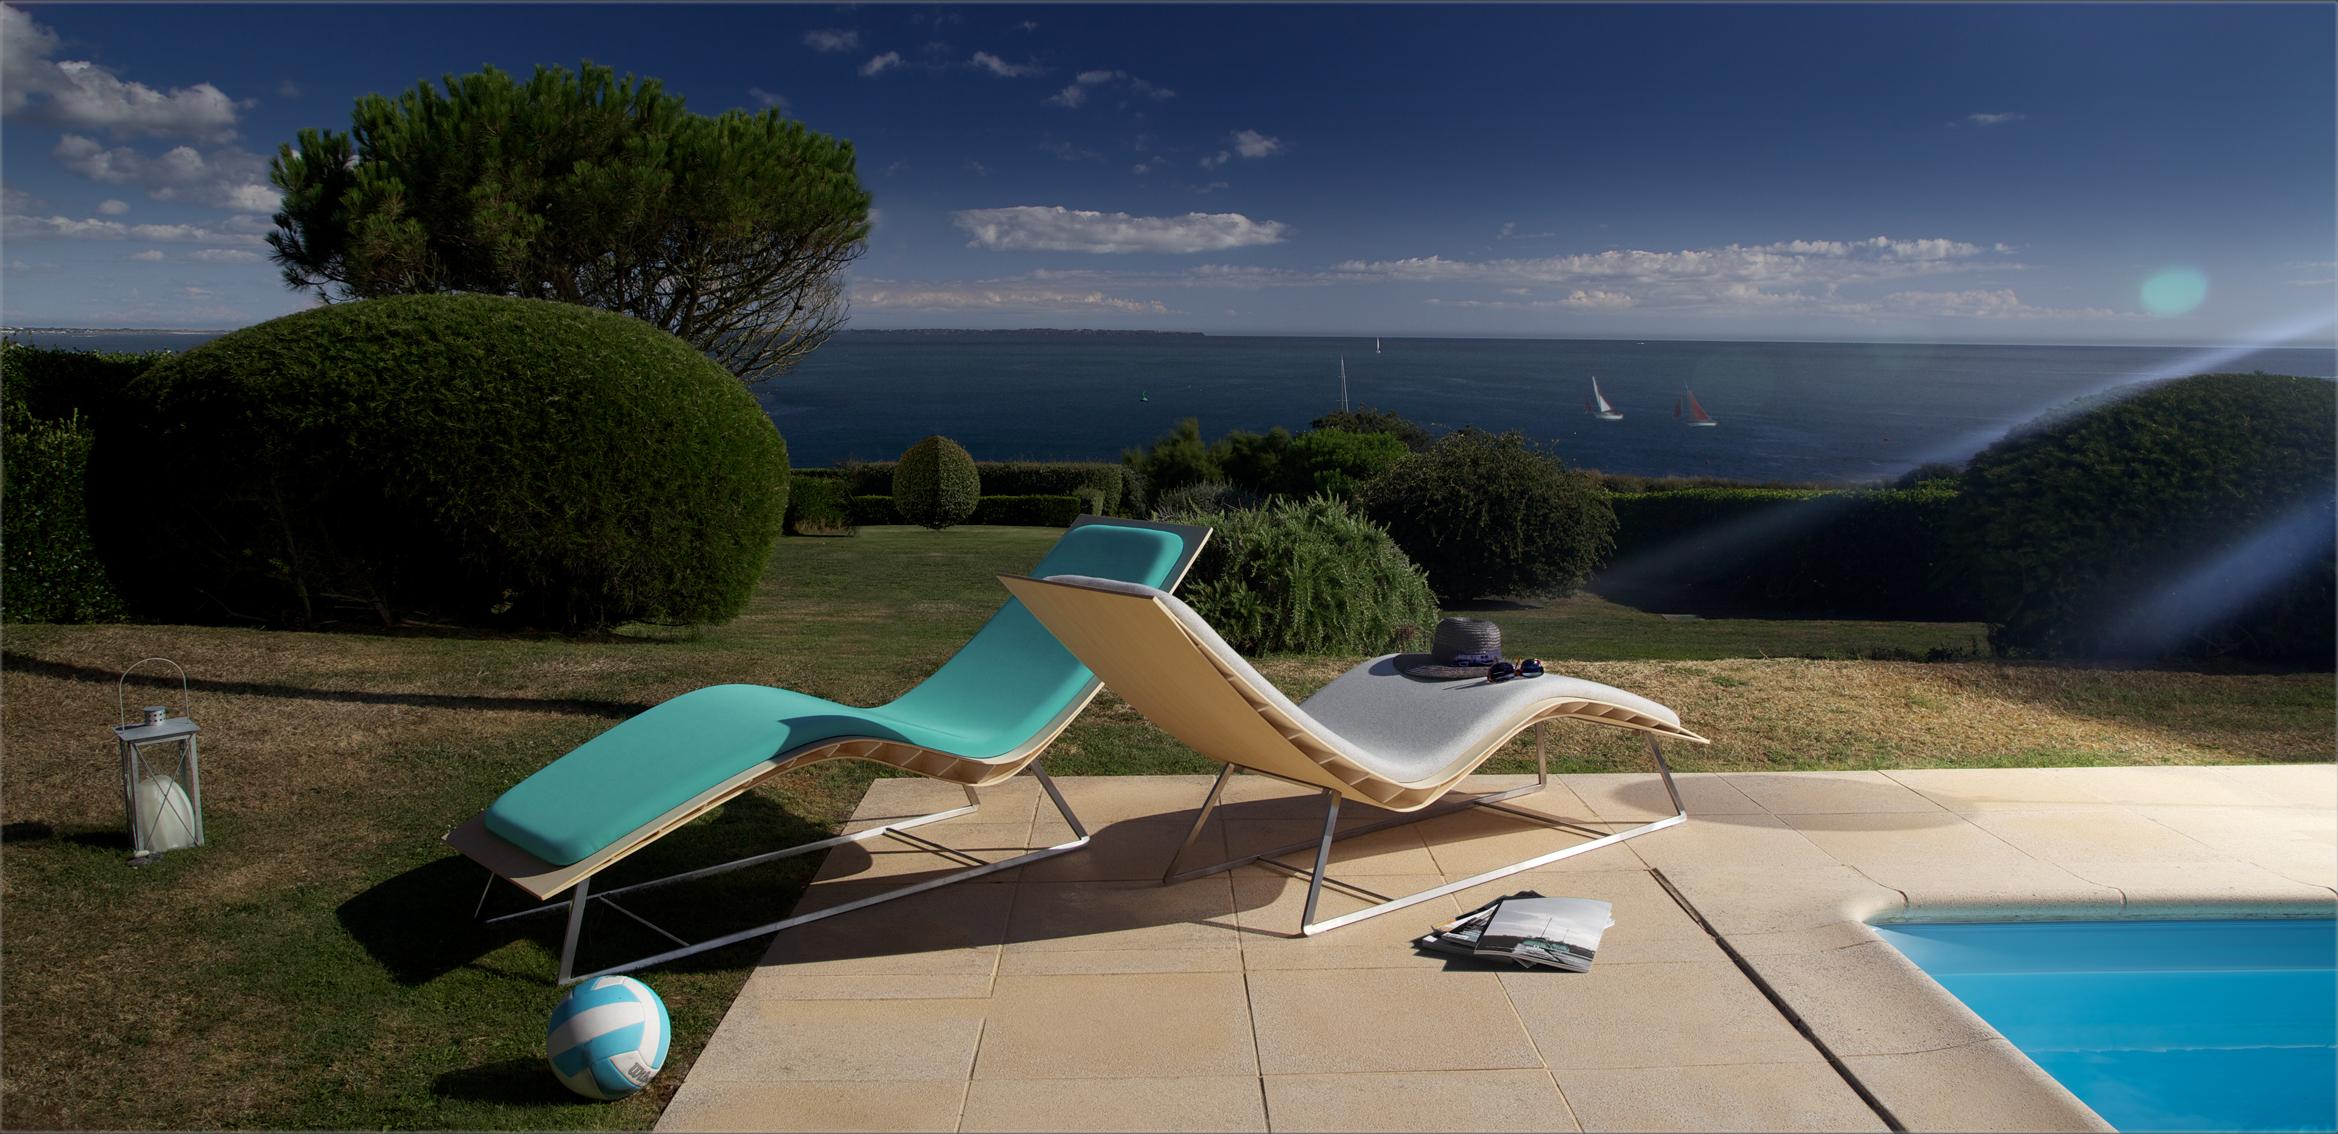 chaise-longue-exterieur-pietement-piscine-bois-bambou